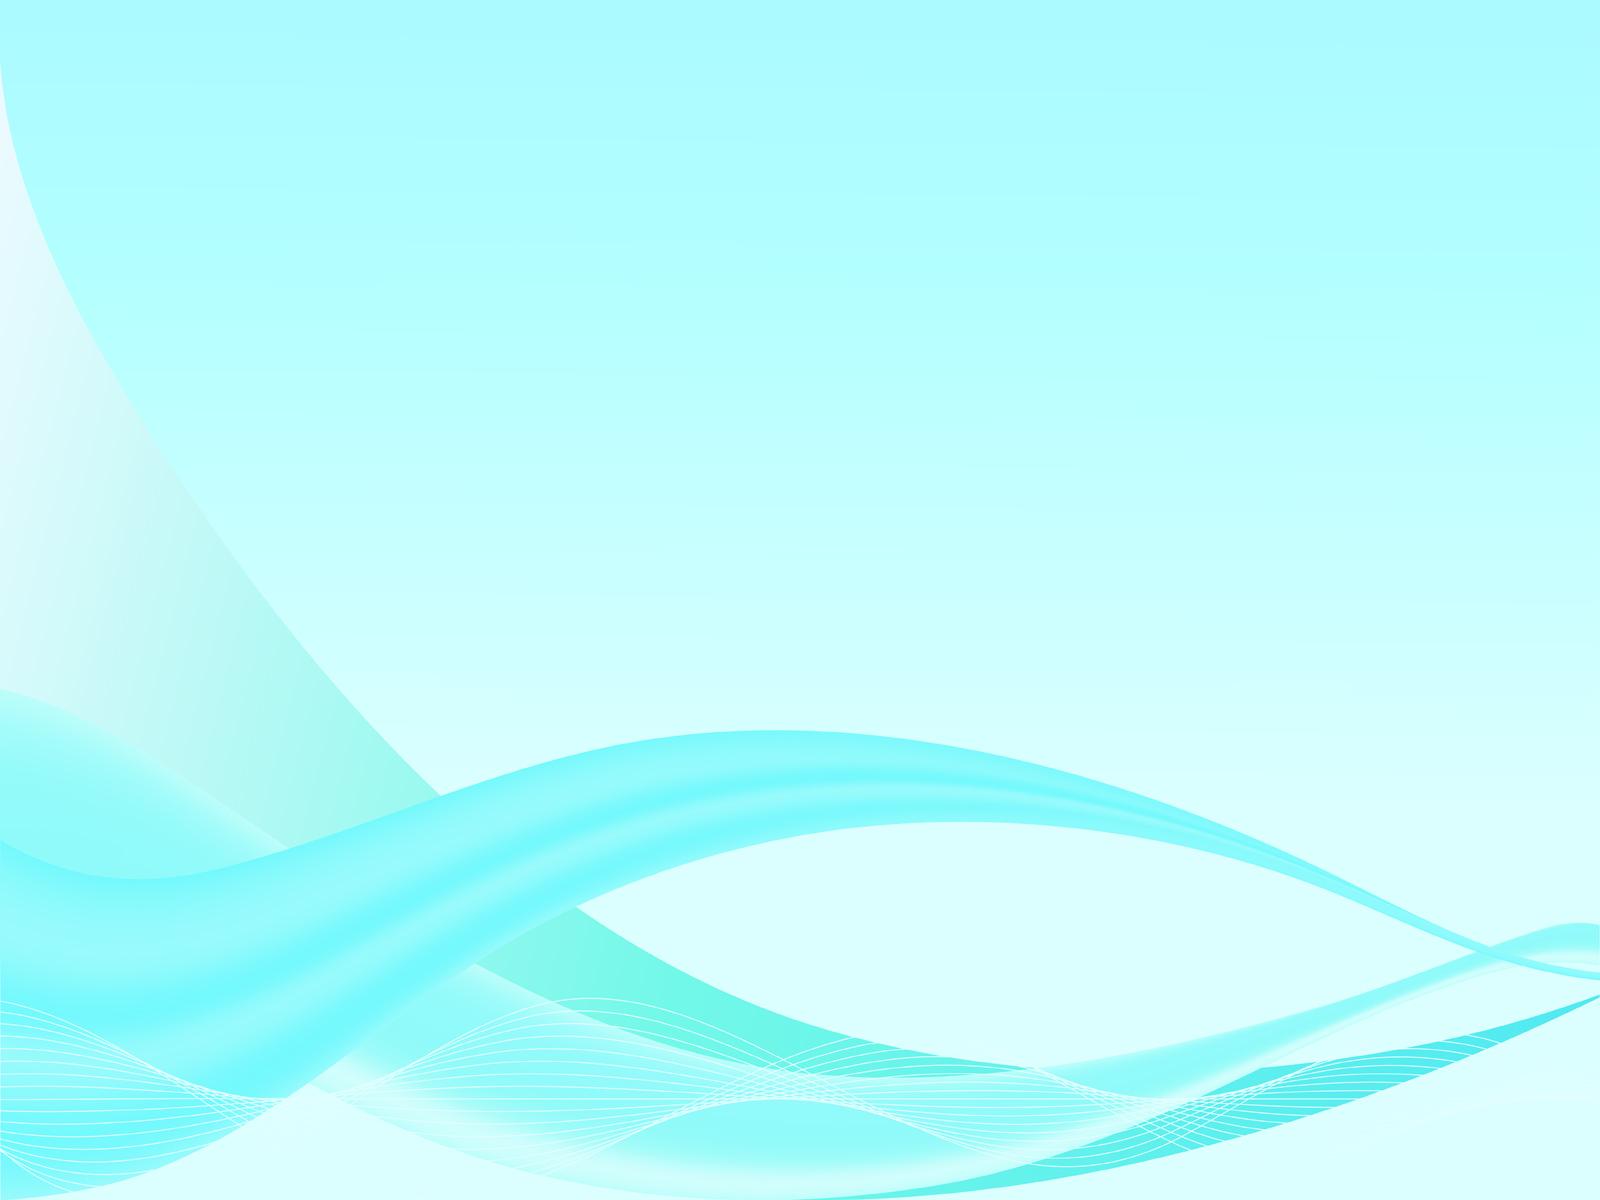 Ảnh nền màu xanh dương cực đẹp cho powerpoint